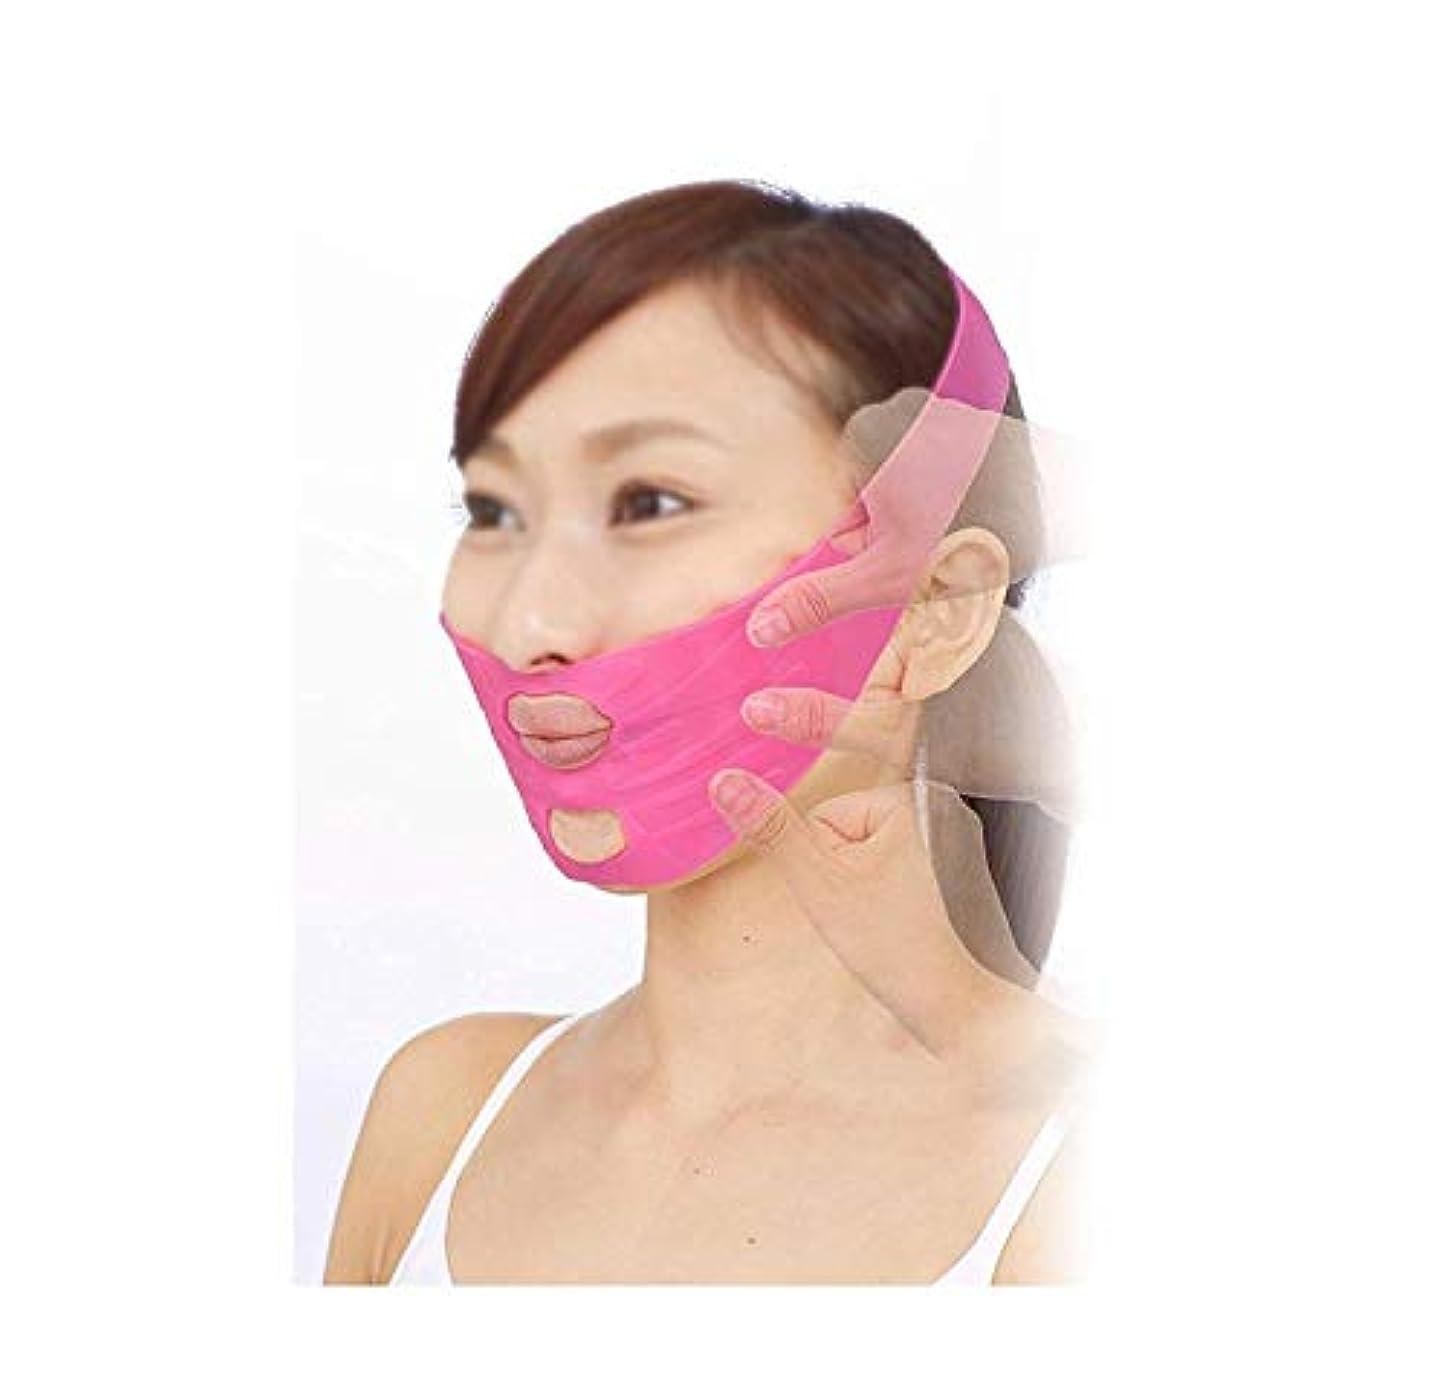 アクティブ空港ベーコンフェイシャルマスク、リフティングアーティファクトフェイスマスク垂れ下がった小さなVフェイスバンデージ付きの顔 スリーピングフェイスダブルチンチンセットスリープエラスティックスリミングベルト